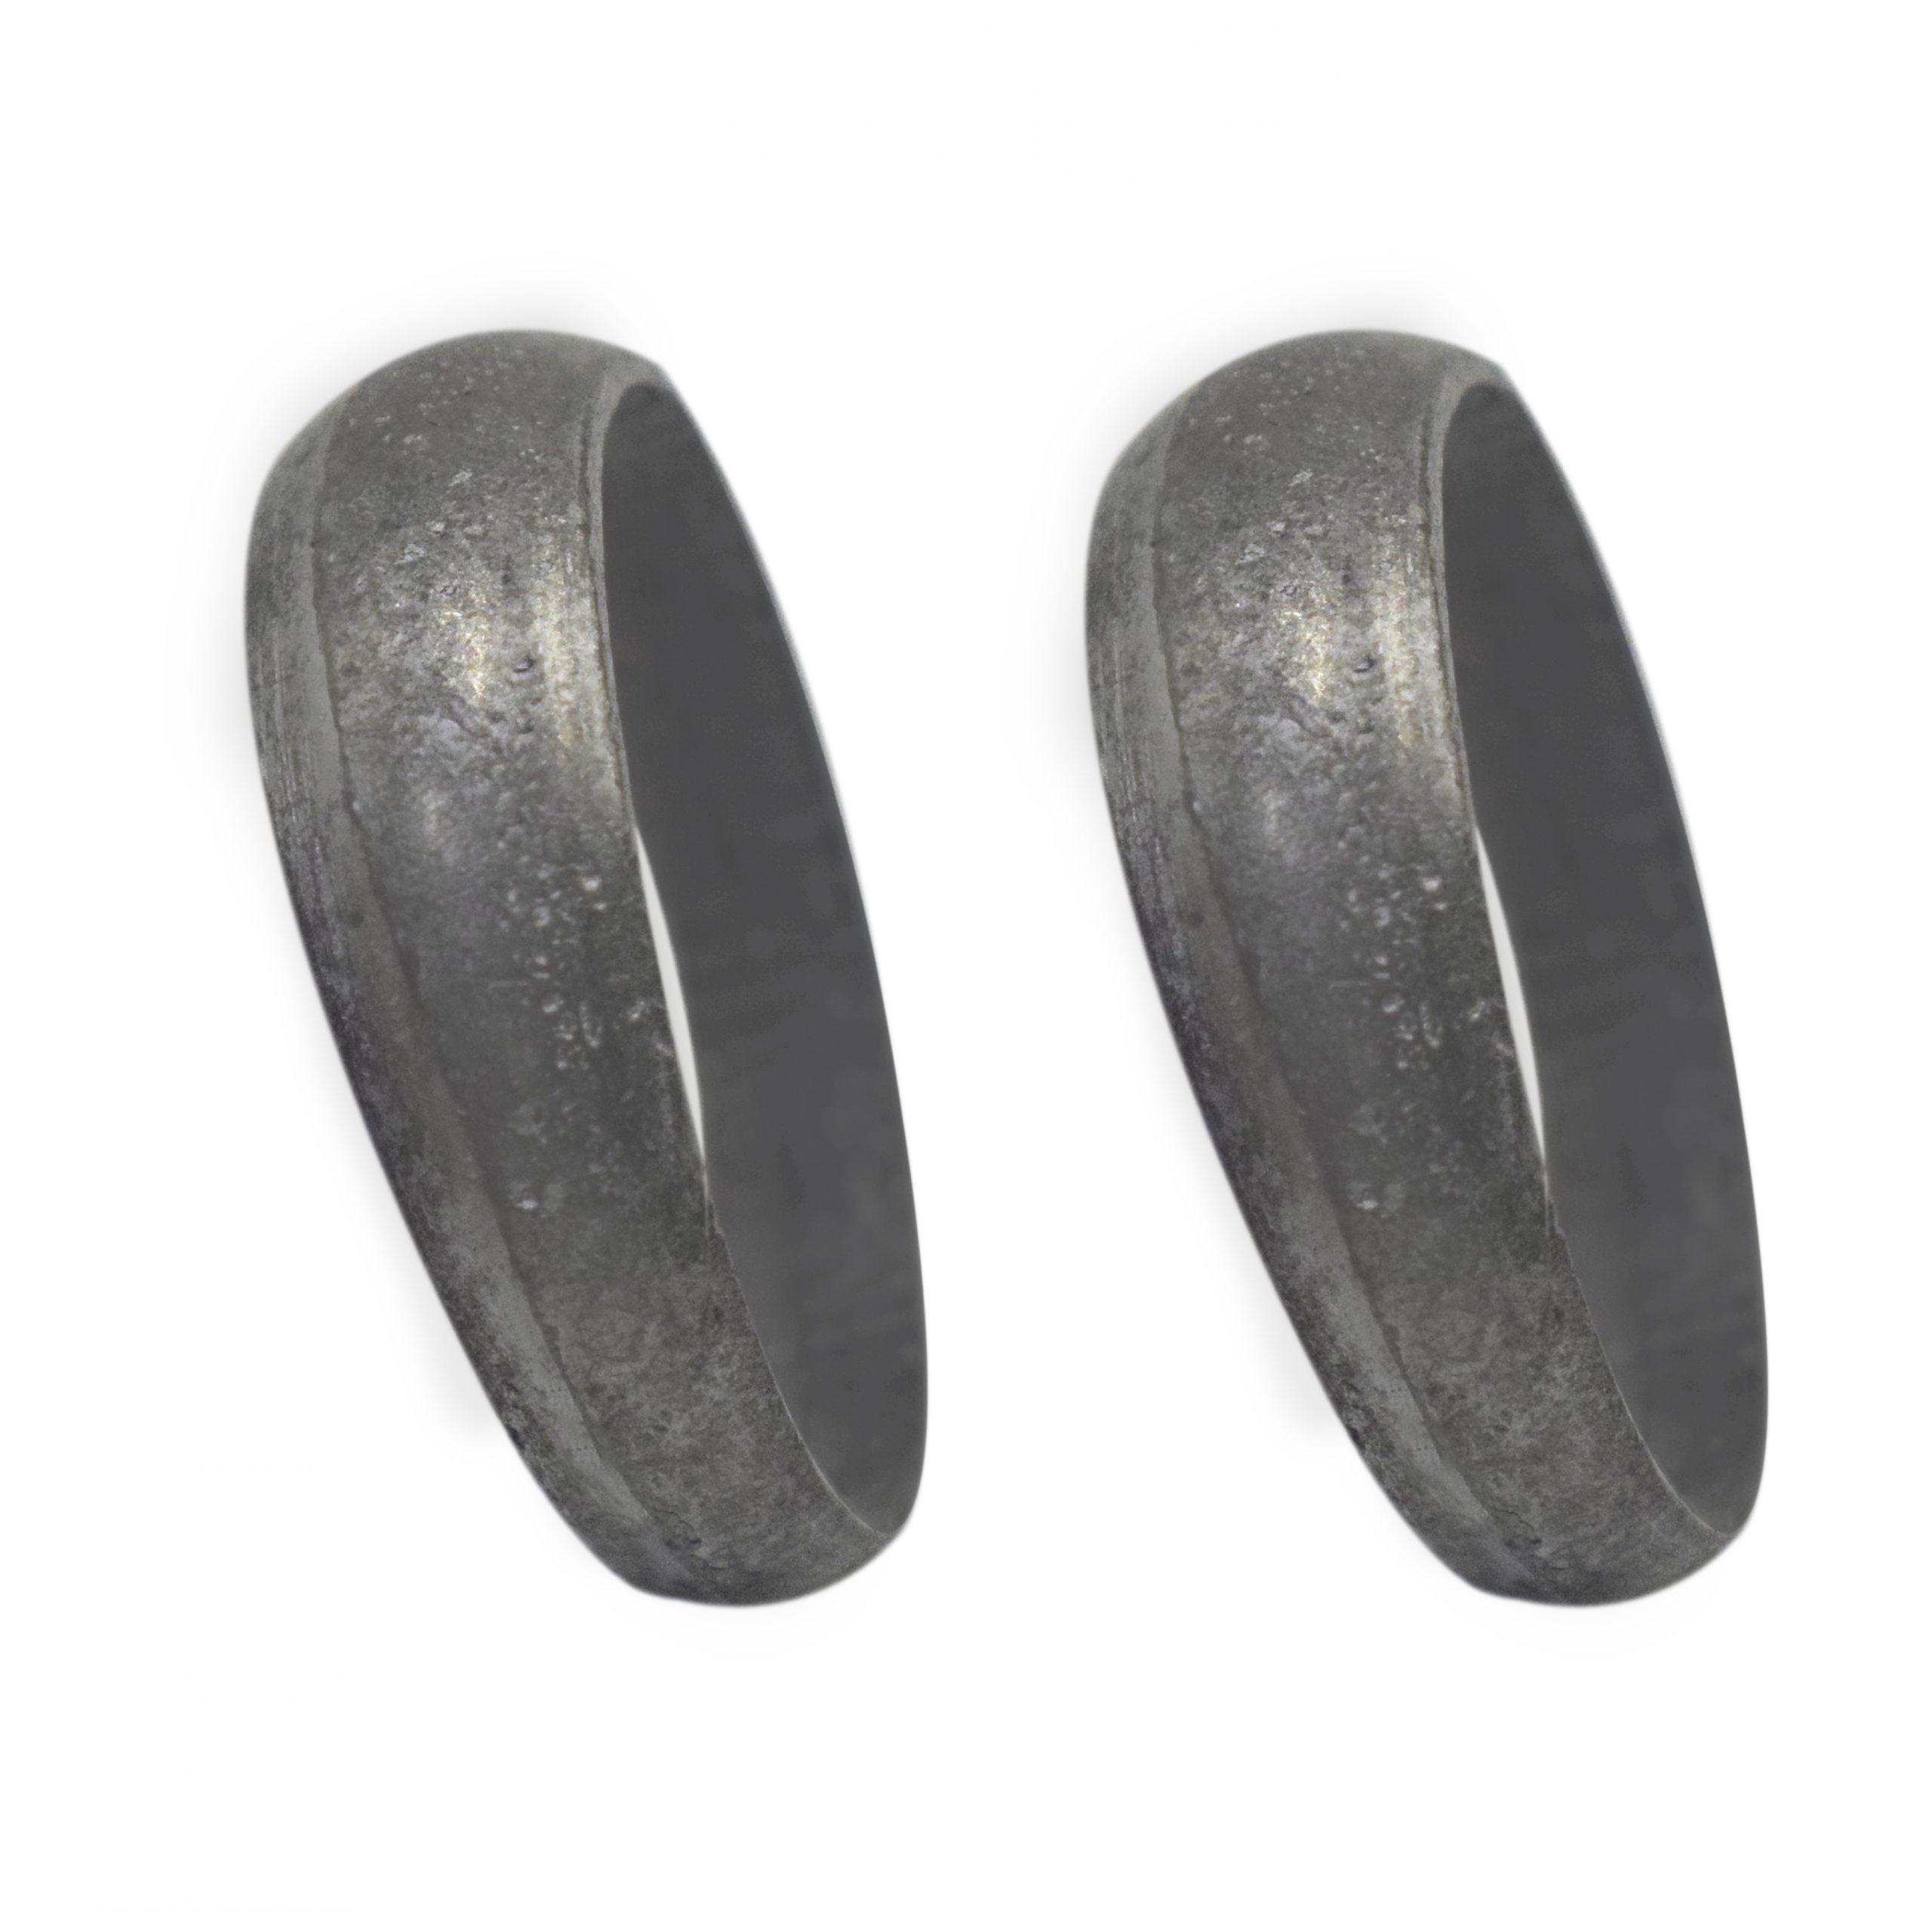 Ranga Ring (Pack of 2)